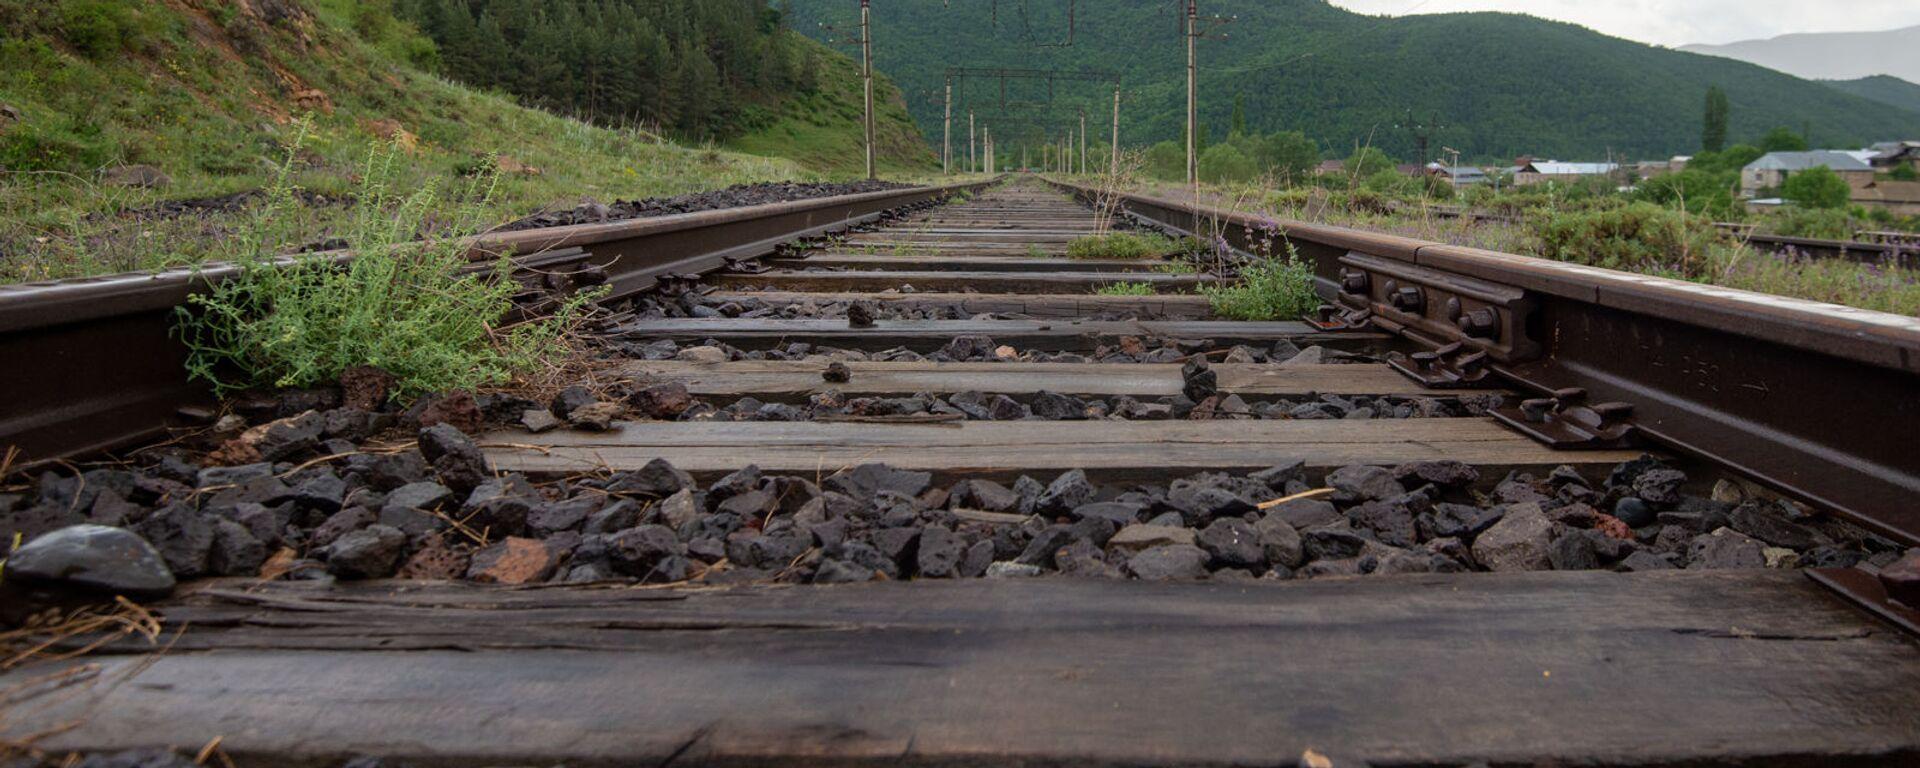 Железная дорога - Sputnik Армения, 1920, 11.02.2021